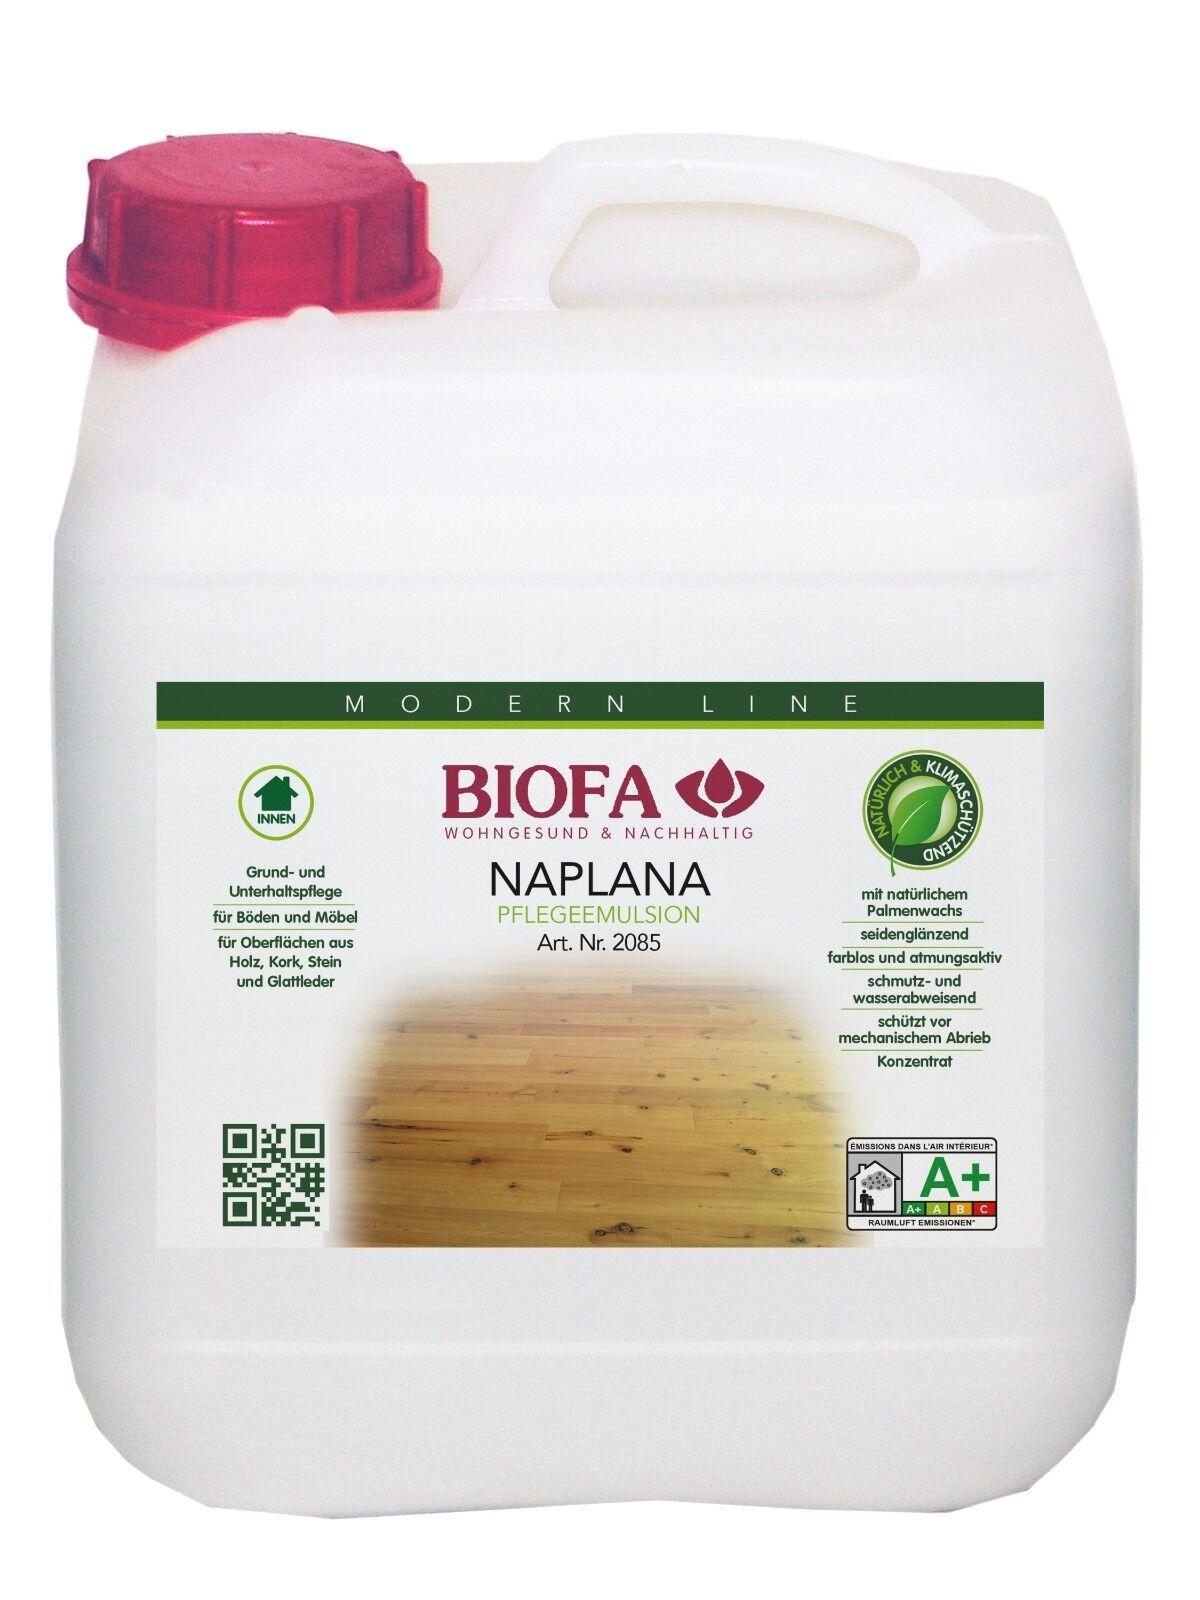 (  L) Biofa Biofa Biofa NAPLANA Pflegeemulsion 5 Liter 605d44